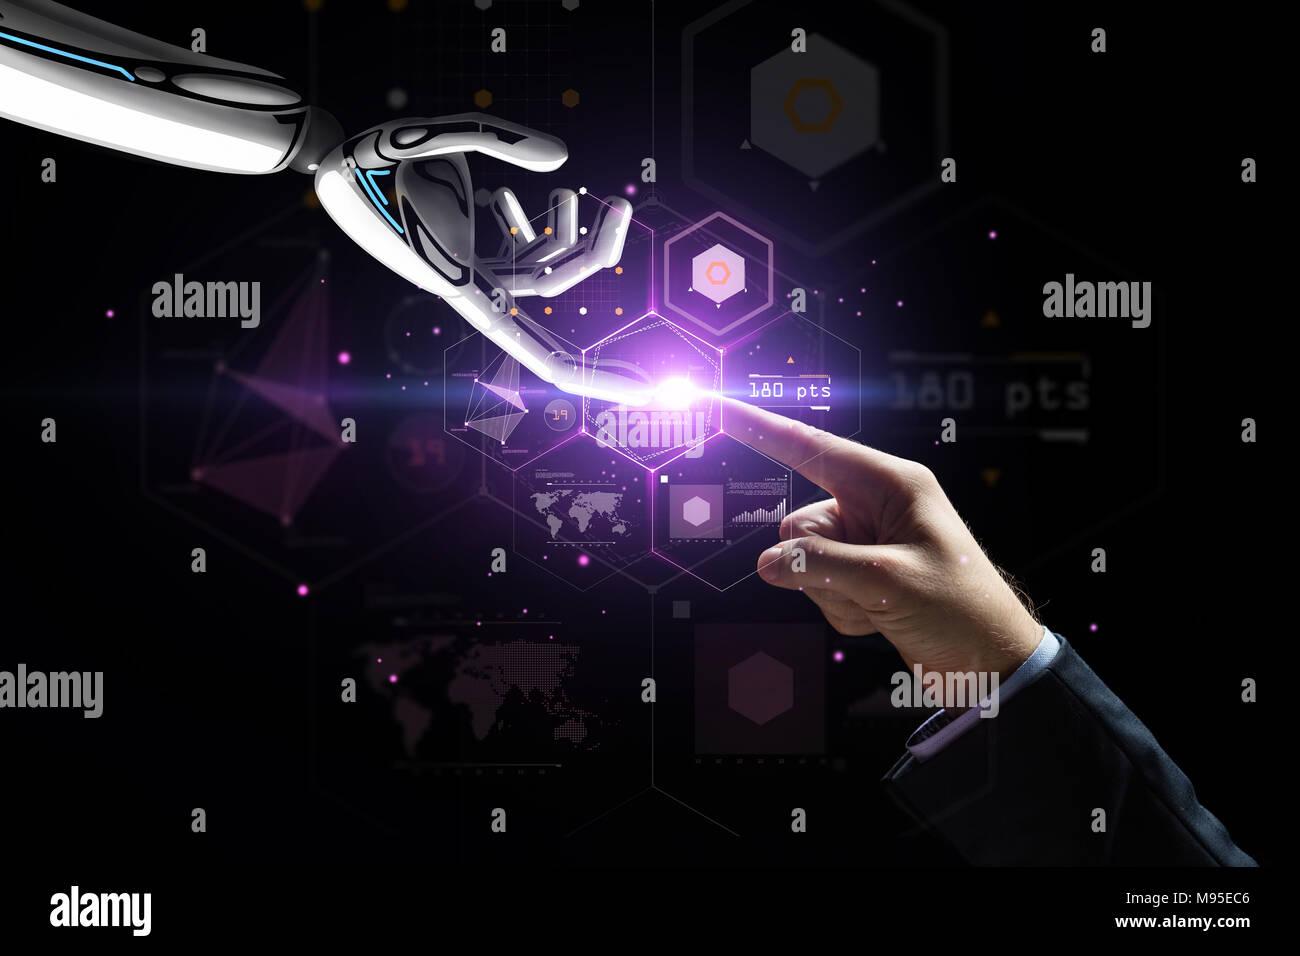 El robot y la mano humana más proyección virtual Imagen De Stock